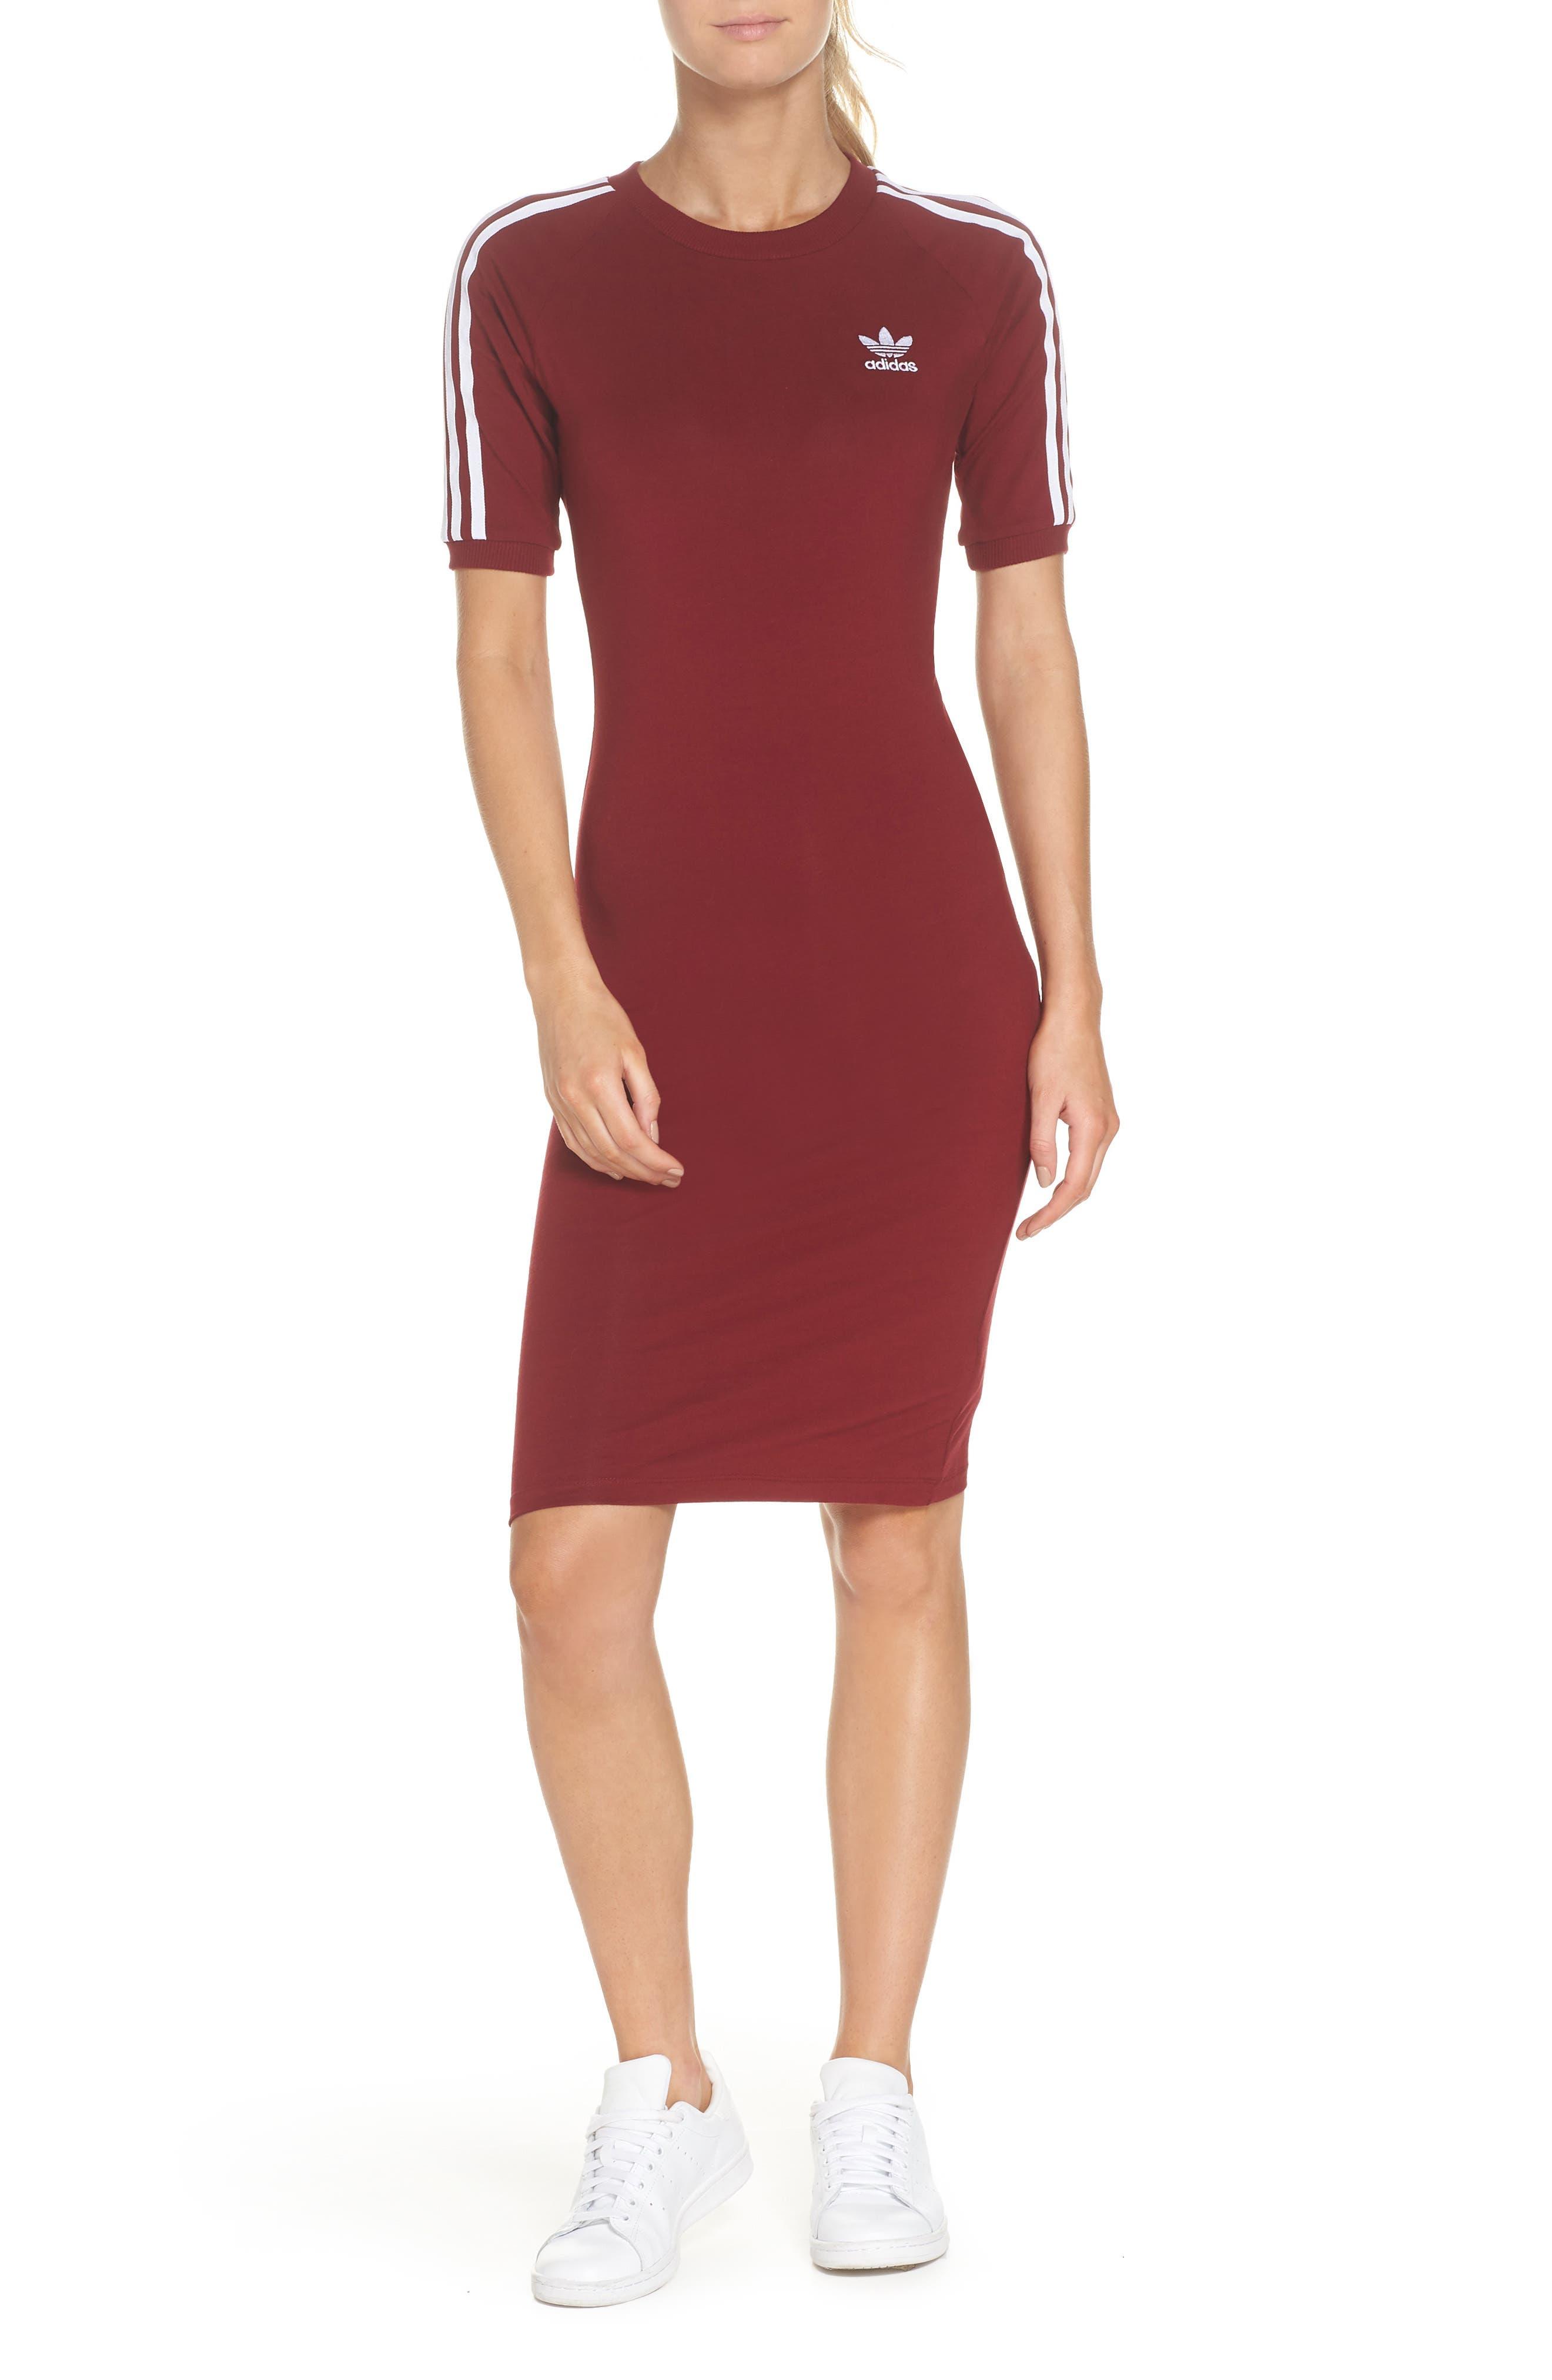 Originals 3-Stripes Dress,                             Main thumbnail 1, color,                             930